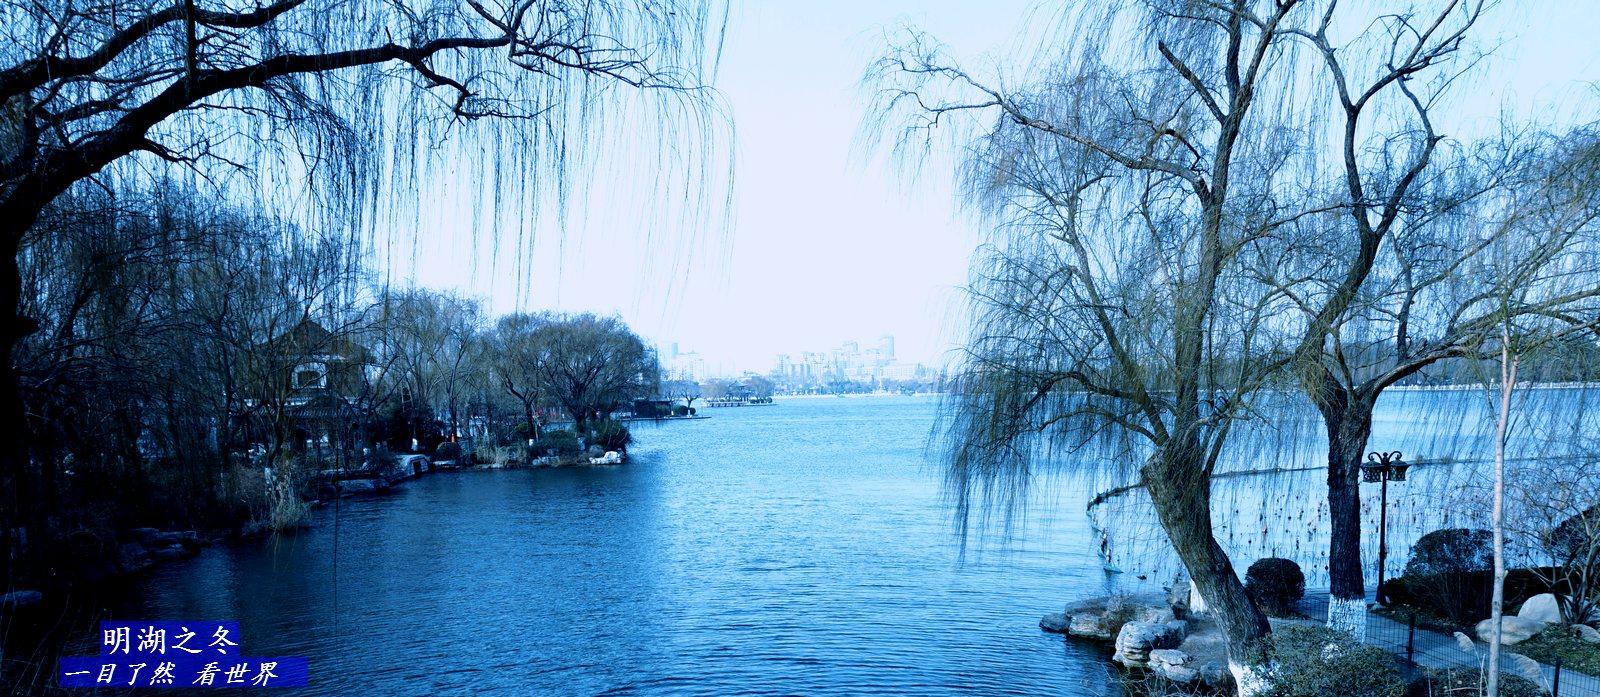 明湖之冬-9-1600.jpg